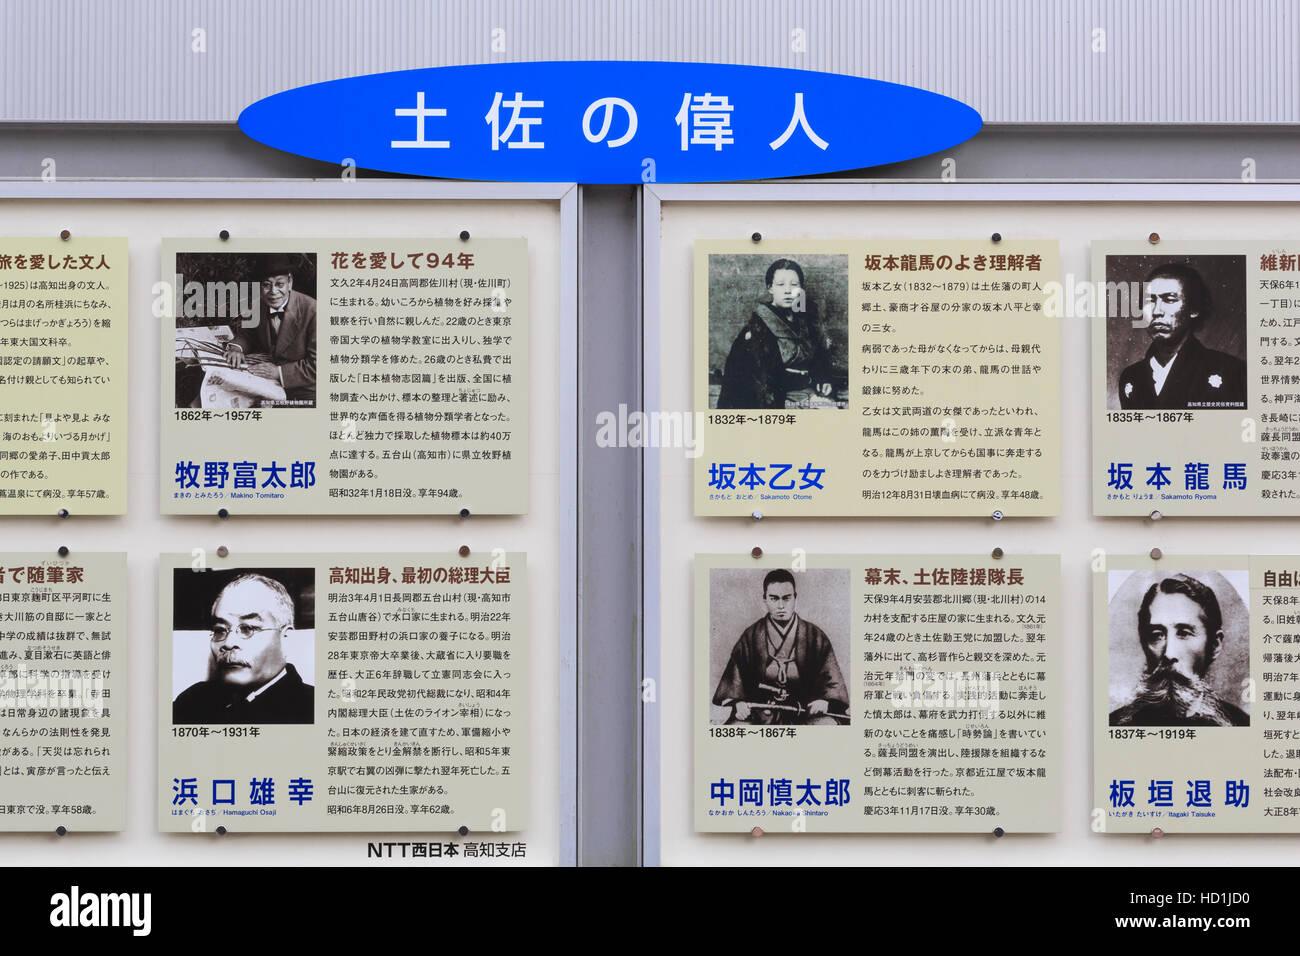 Musée de l'histoire, la ville de Kochi, l'île de Shikoku, Japon, Asie Photo Stock